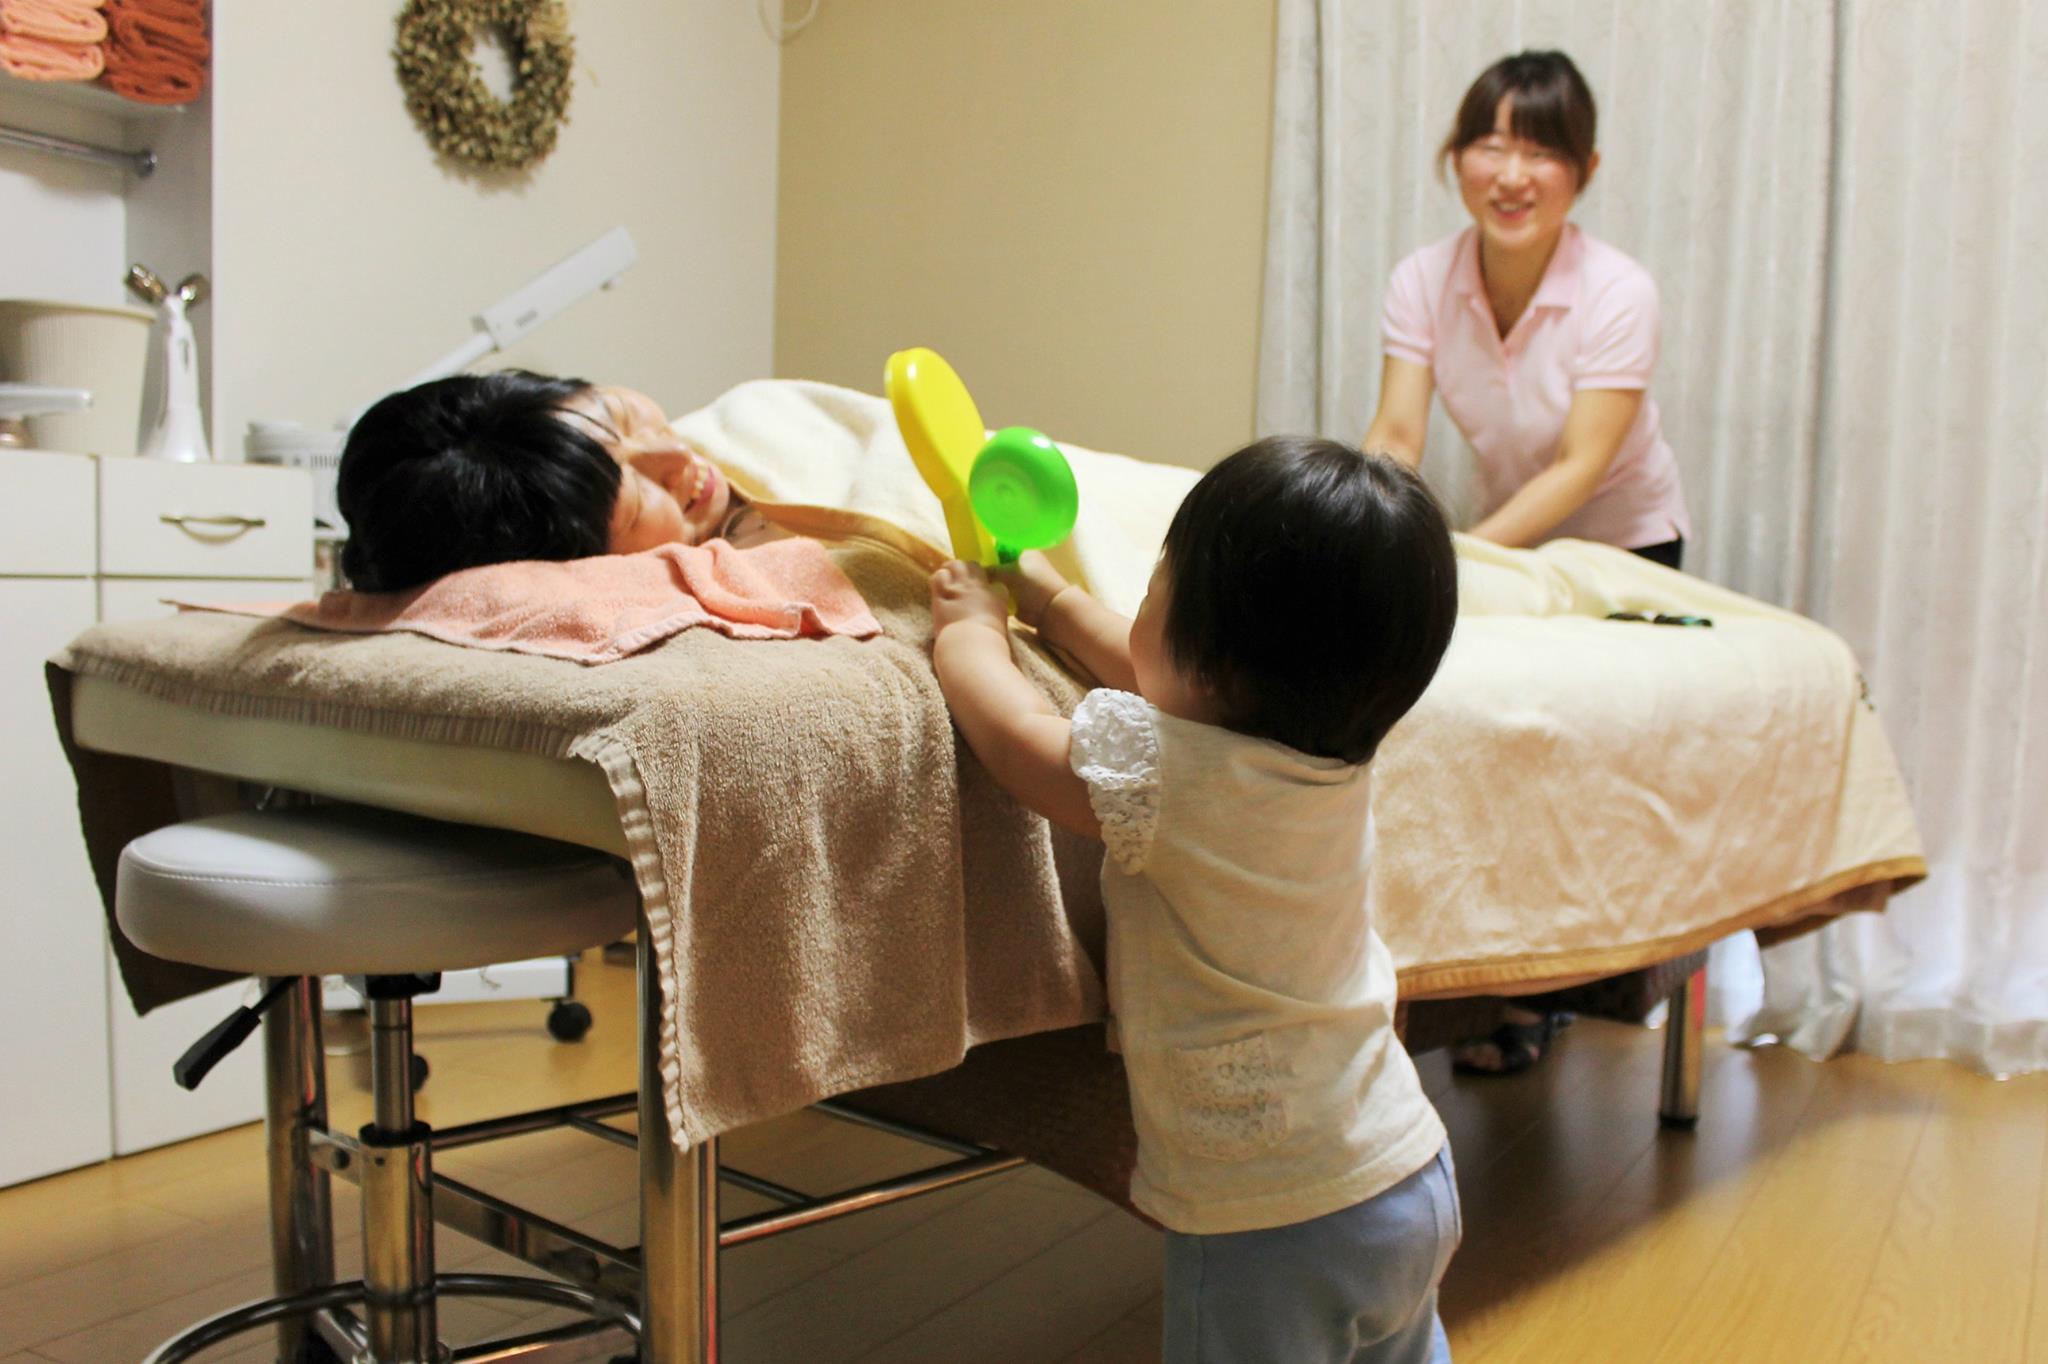 momo's Aroma room 京都のリンパマッサージ & 子連れで行けるアロマサロン-施術を受ける人口を増やすプロジェクト♥3